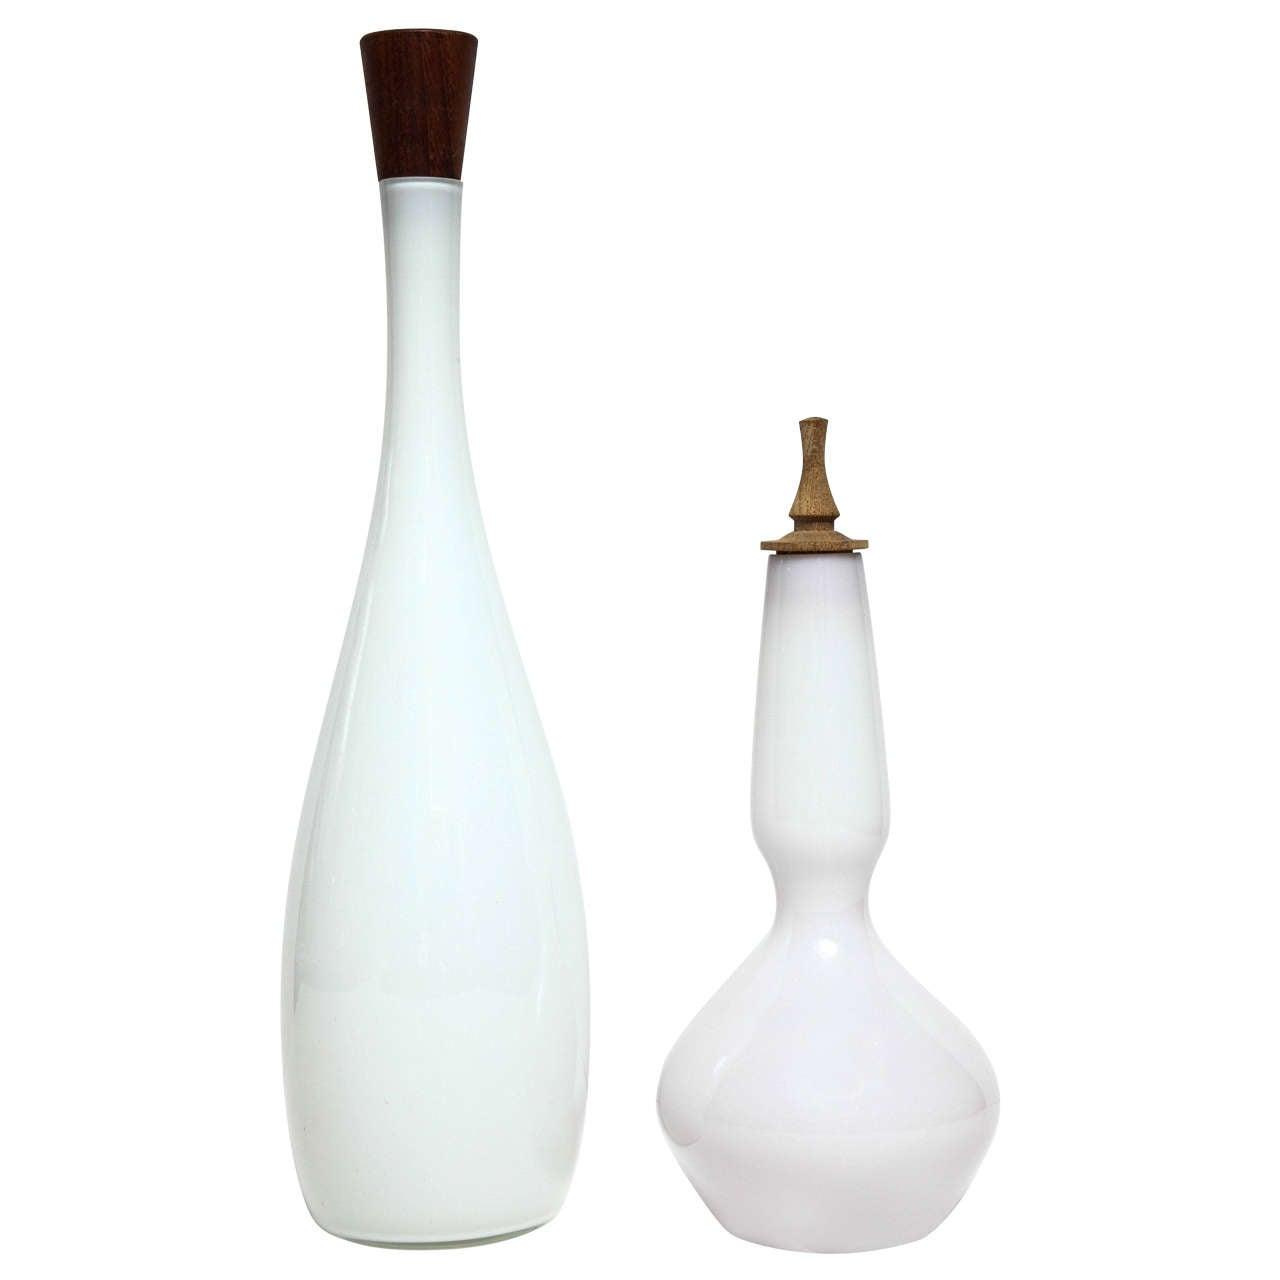 Vase by Holmegaard, C 1960